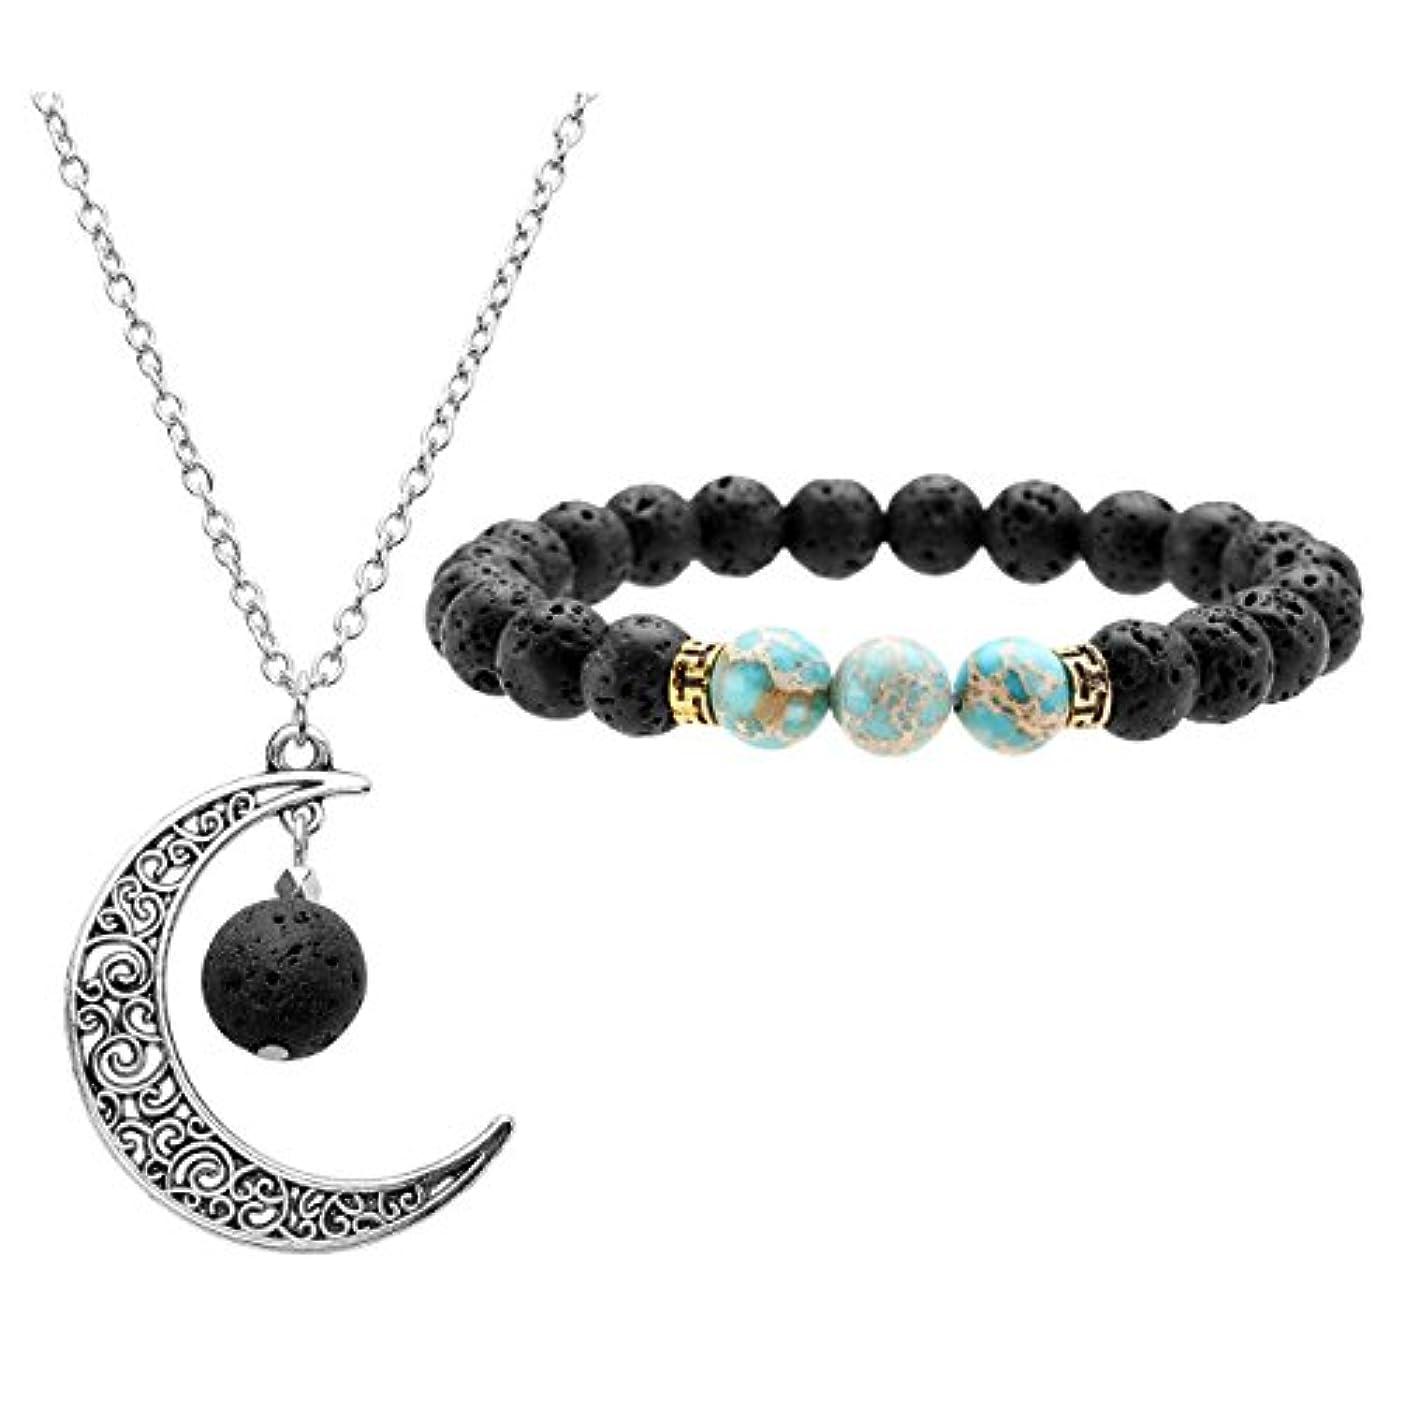 夕方危険を冒します疾患JOVIVI Lava Stone Aromatherapy Essential Oil Diffuser Necklace Bracelet Set- Crescent Moon Jewellery